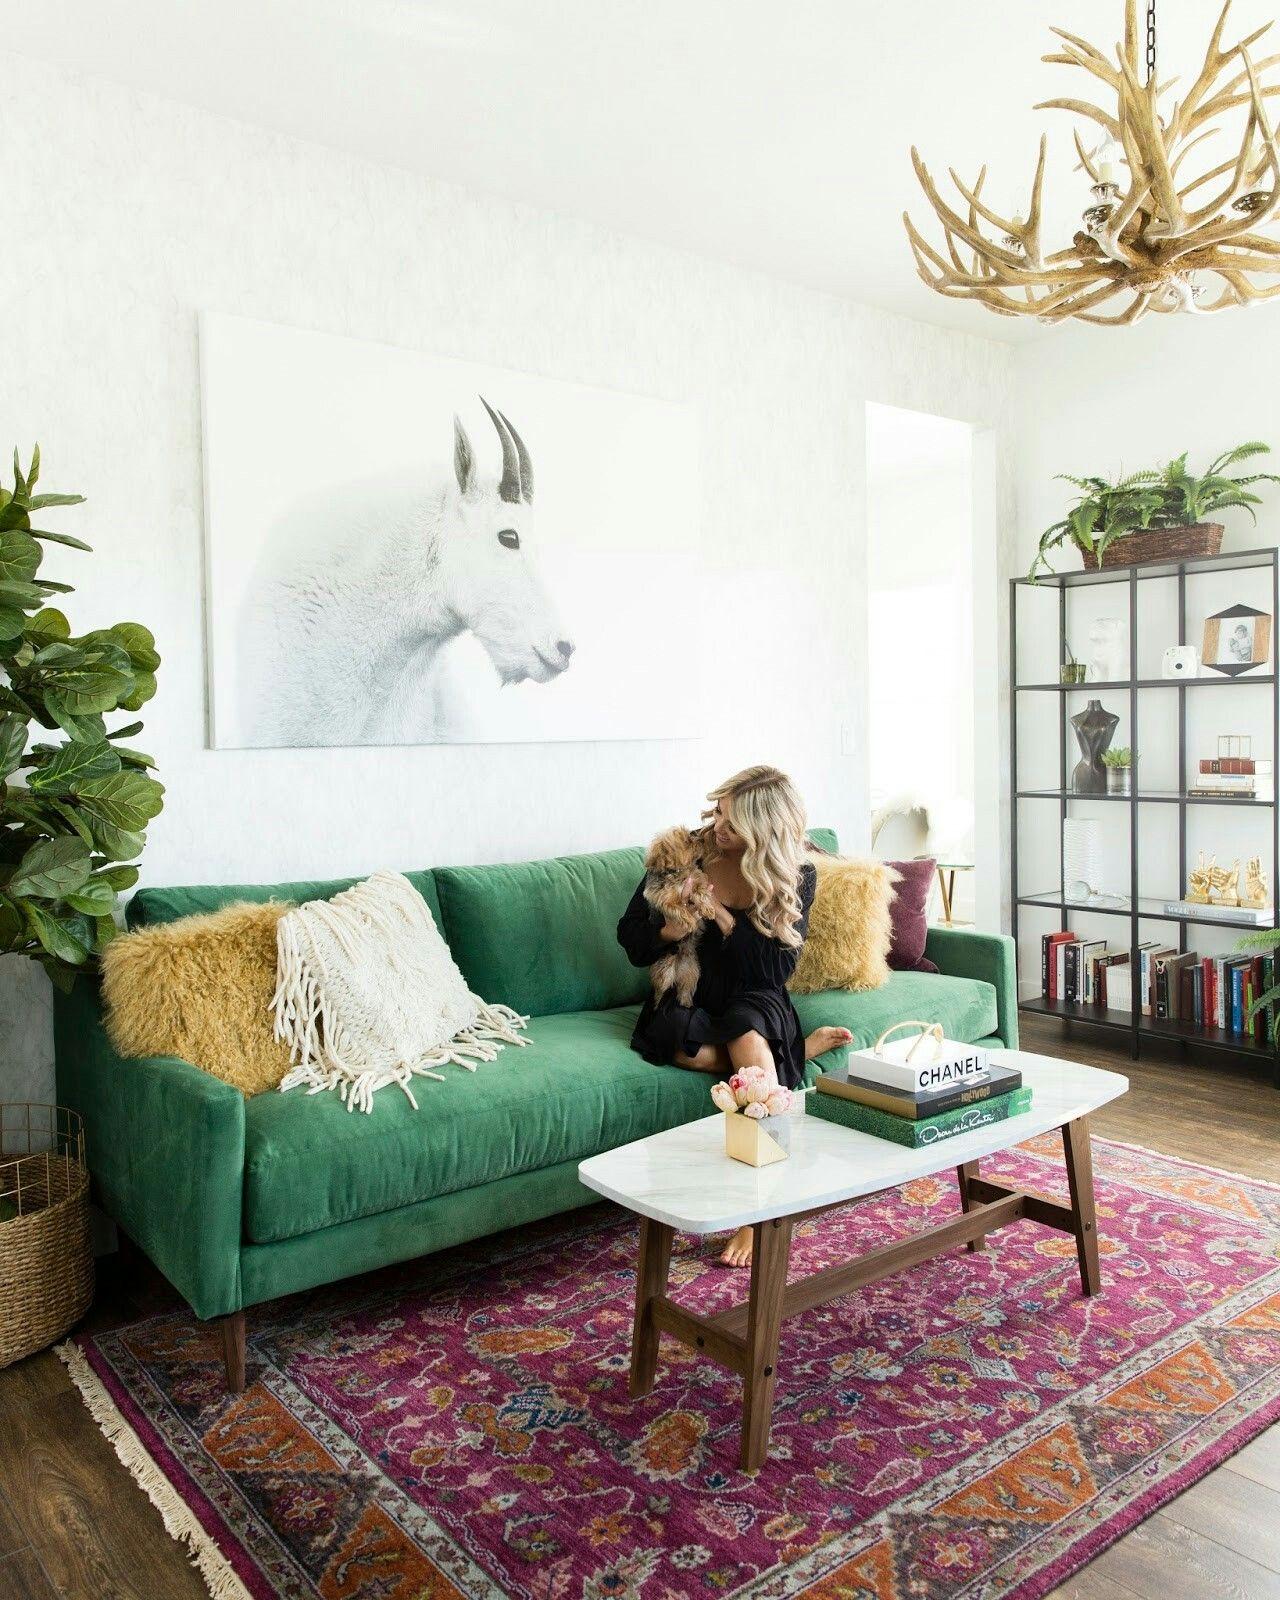 Pin von Carley Musser auf for the home | Pinterest